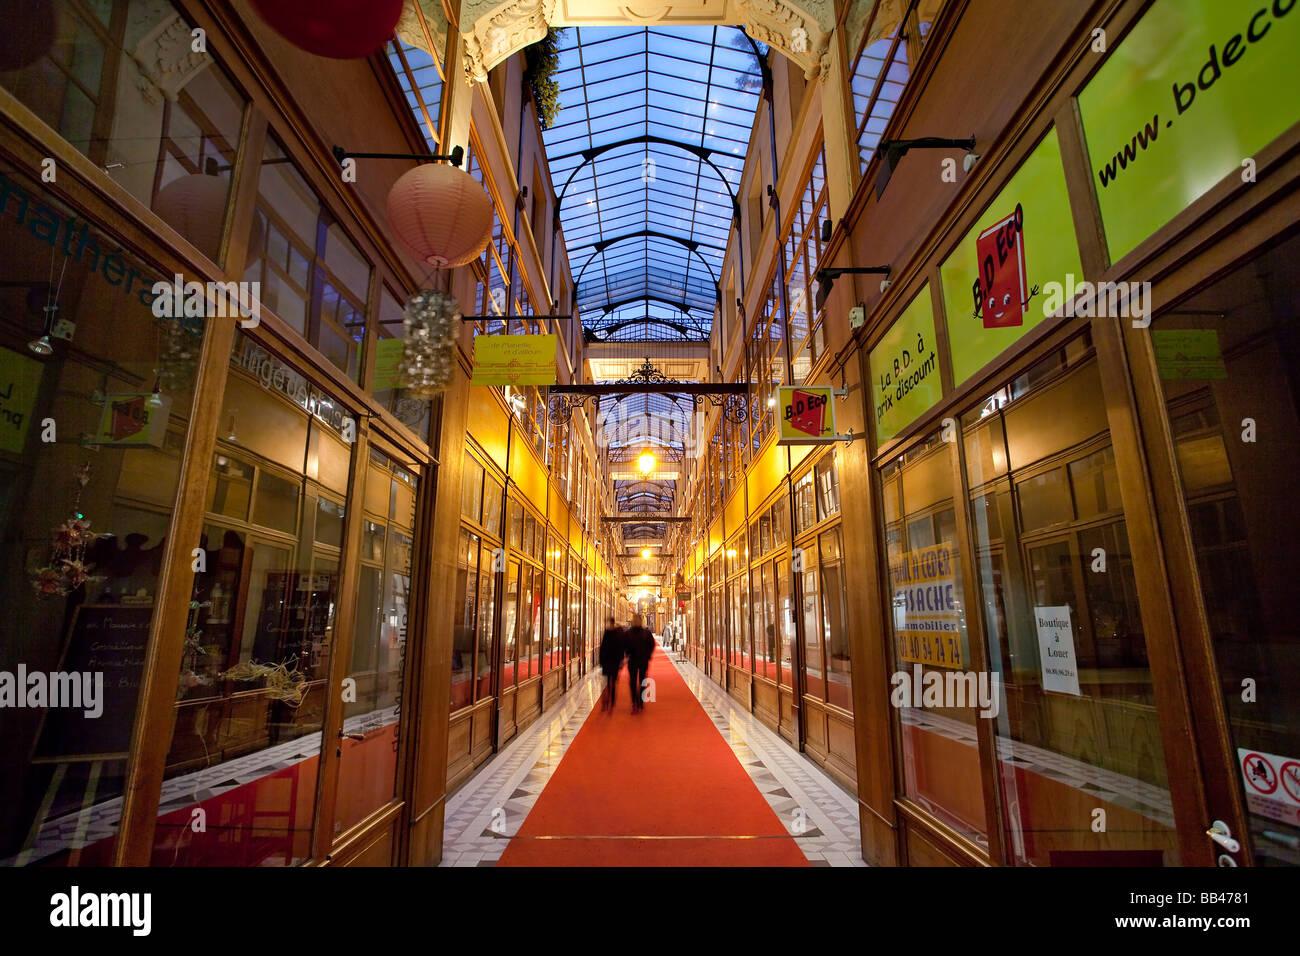 Passage Du Grand Cerf Restaurant